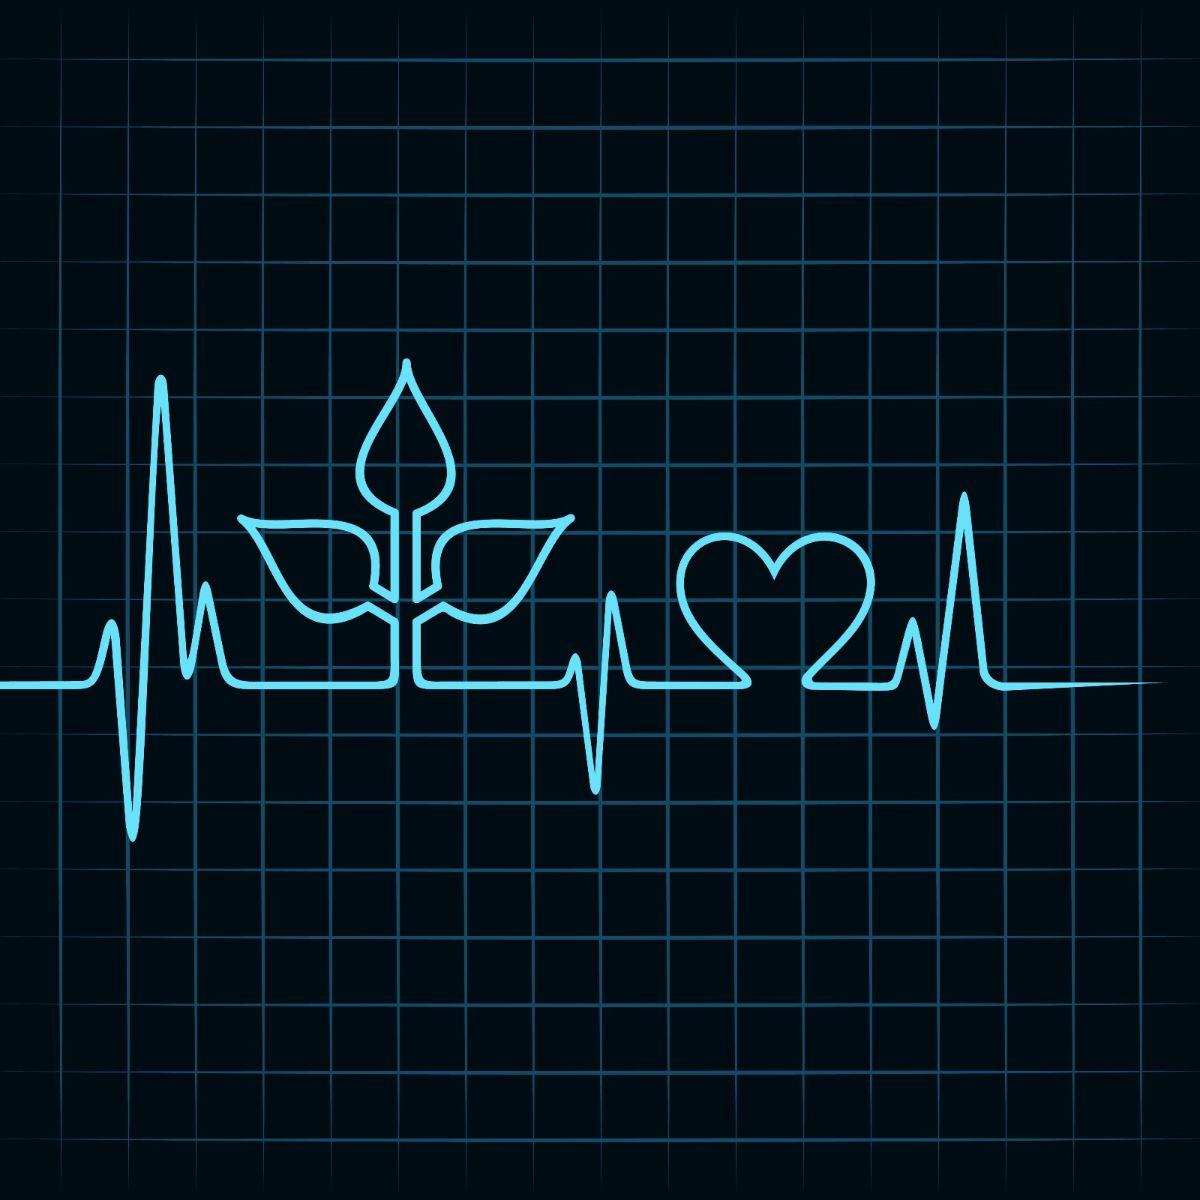 Ilustración de electrocardiograma con forma de planya y corazón